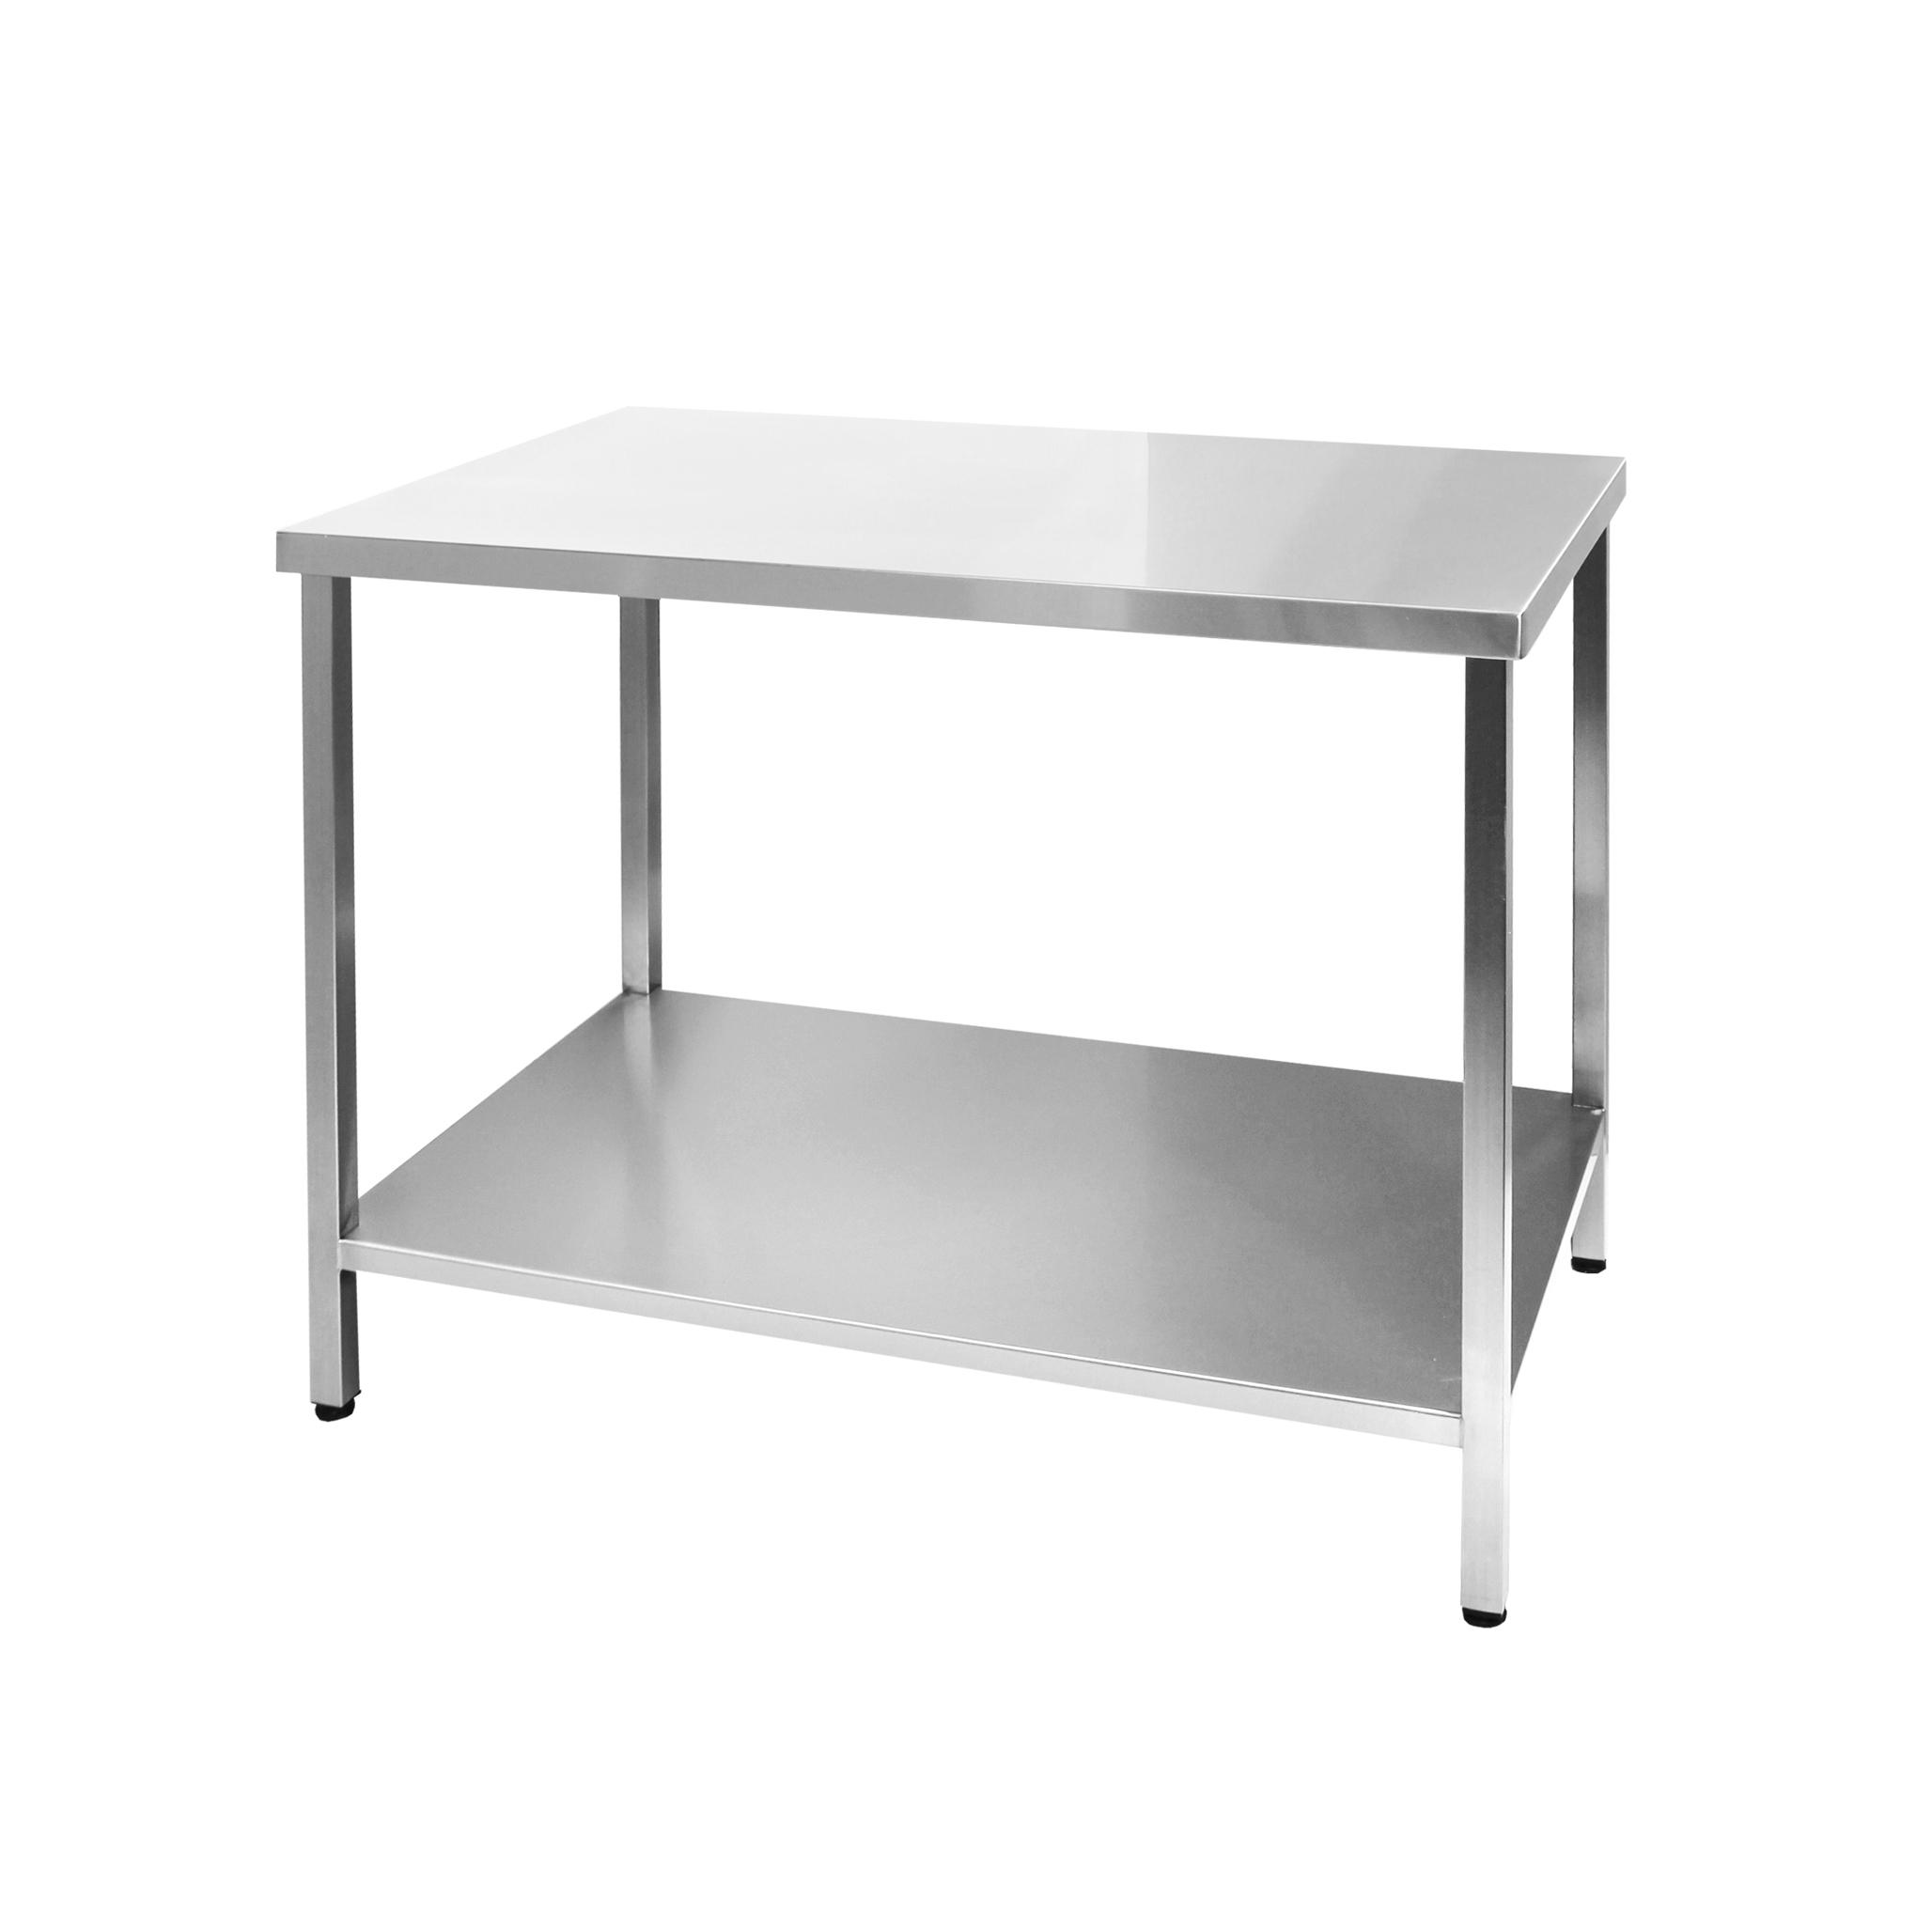 Стол производственный из нержавеющей стали AISI 304